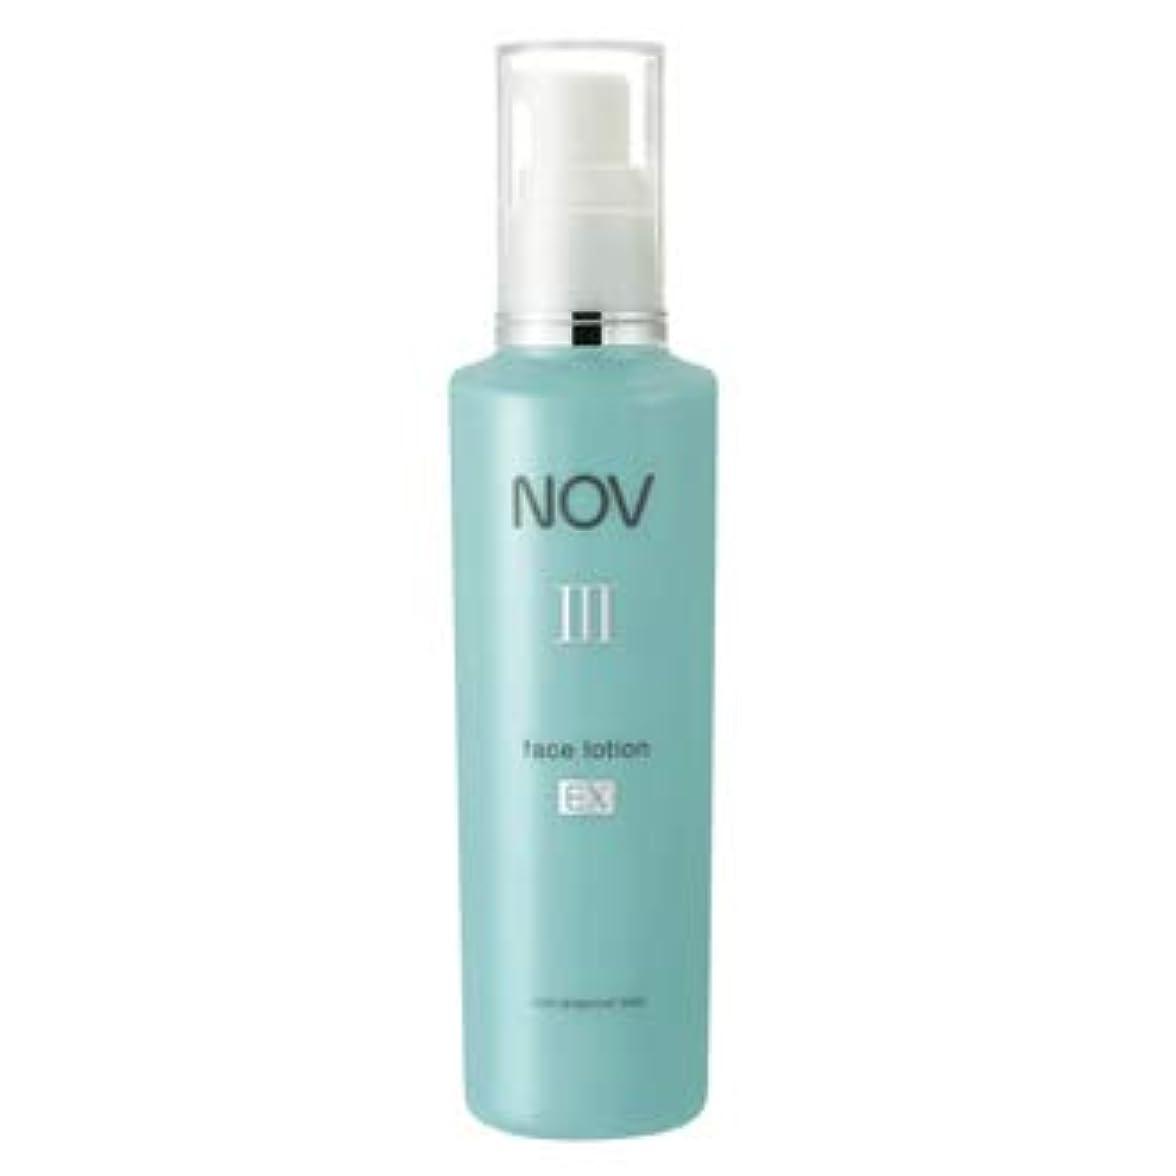 通常球体上院ノブ Ⅲ フェイスローション EX 120ml 高保湿化粧水 [並行輸入品]